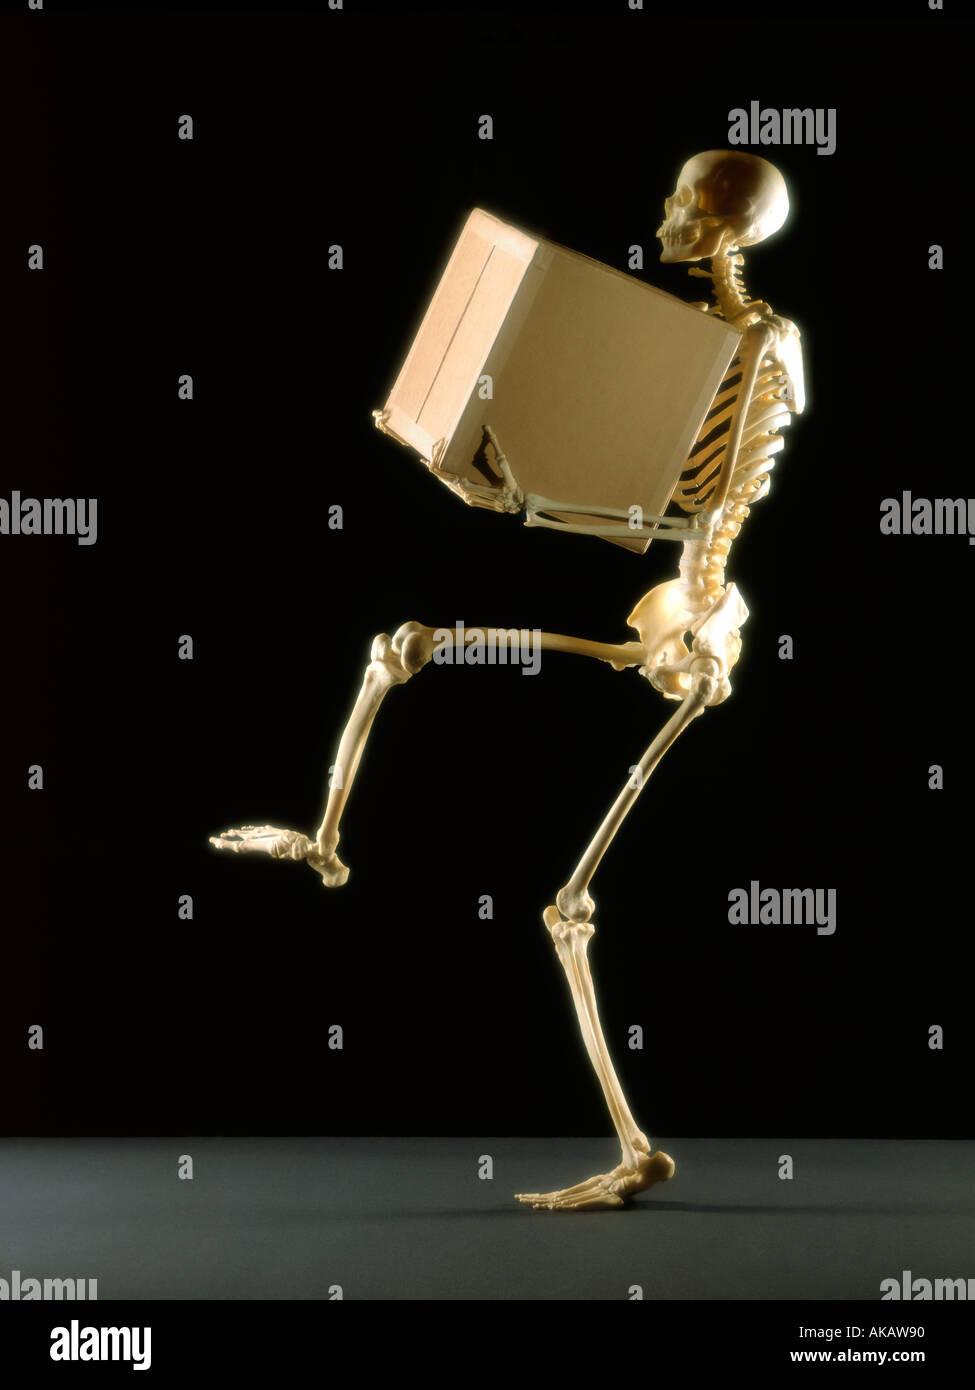 Skelett heben große Kiste auf schwarzem Hintergrund Stockbild